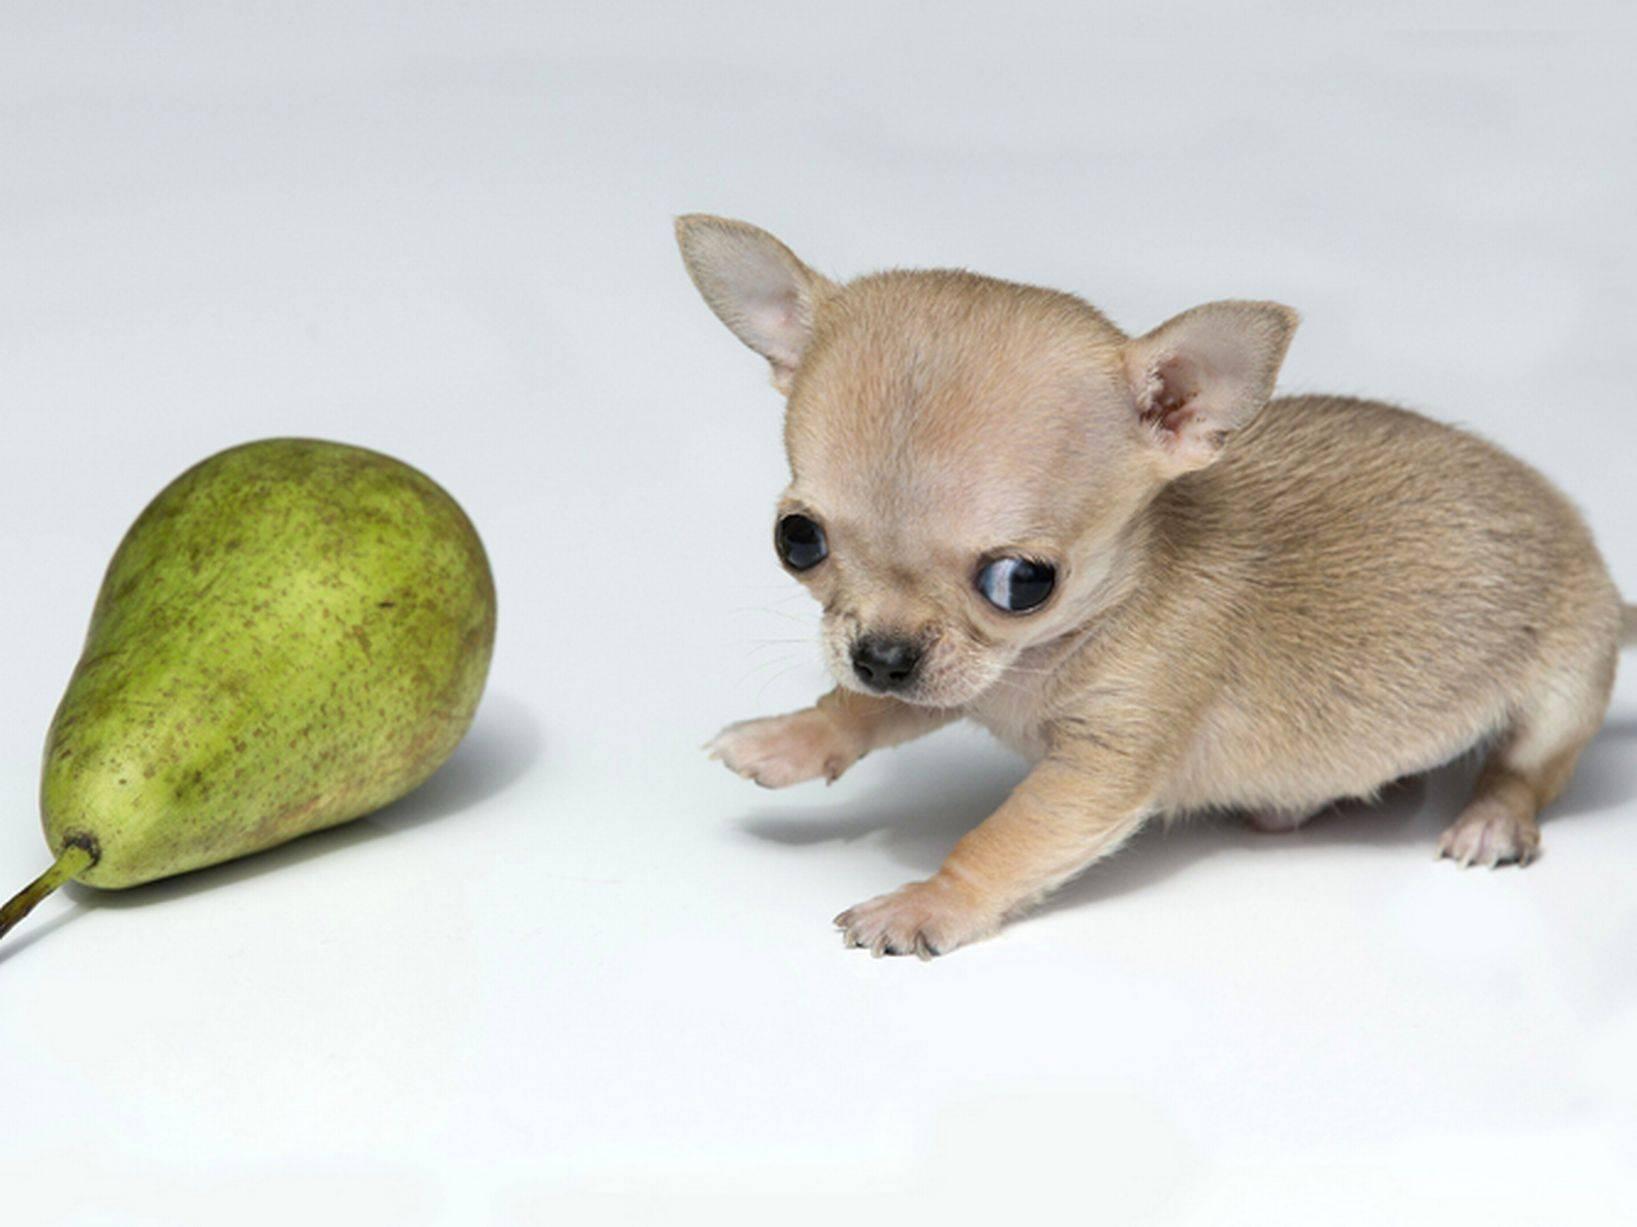 Самые маленькие породы собак в мире - фото с названиями